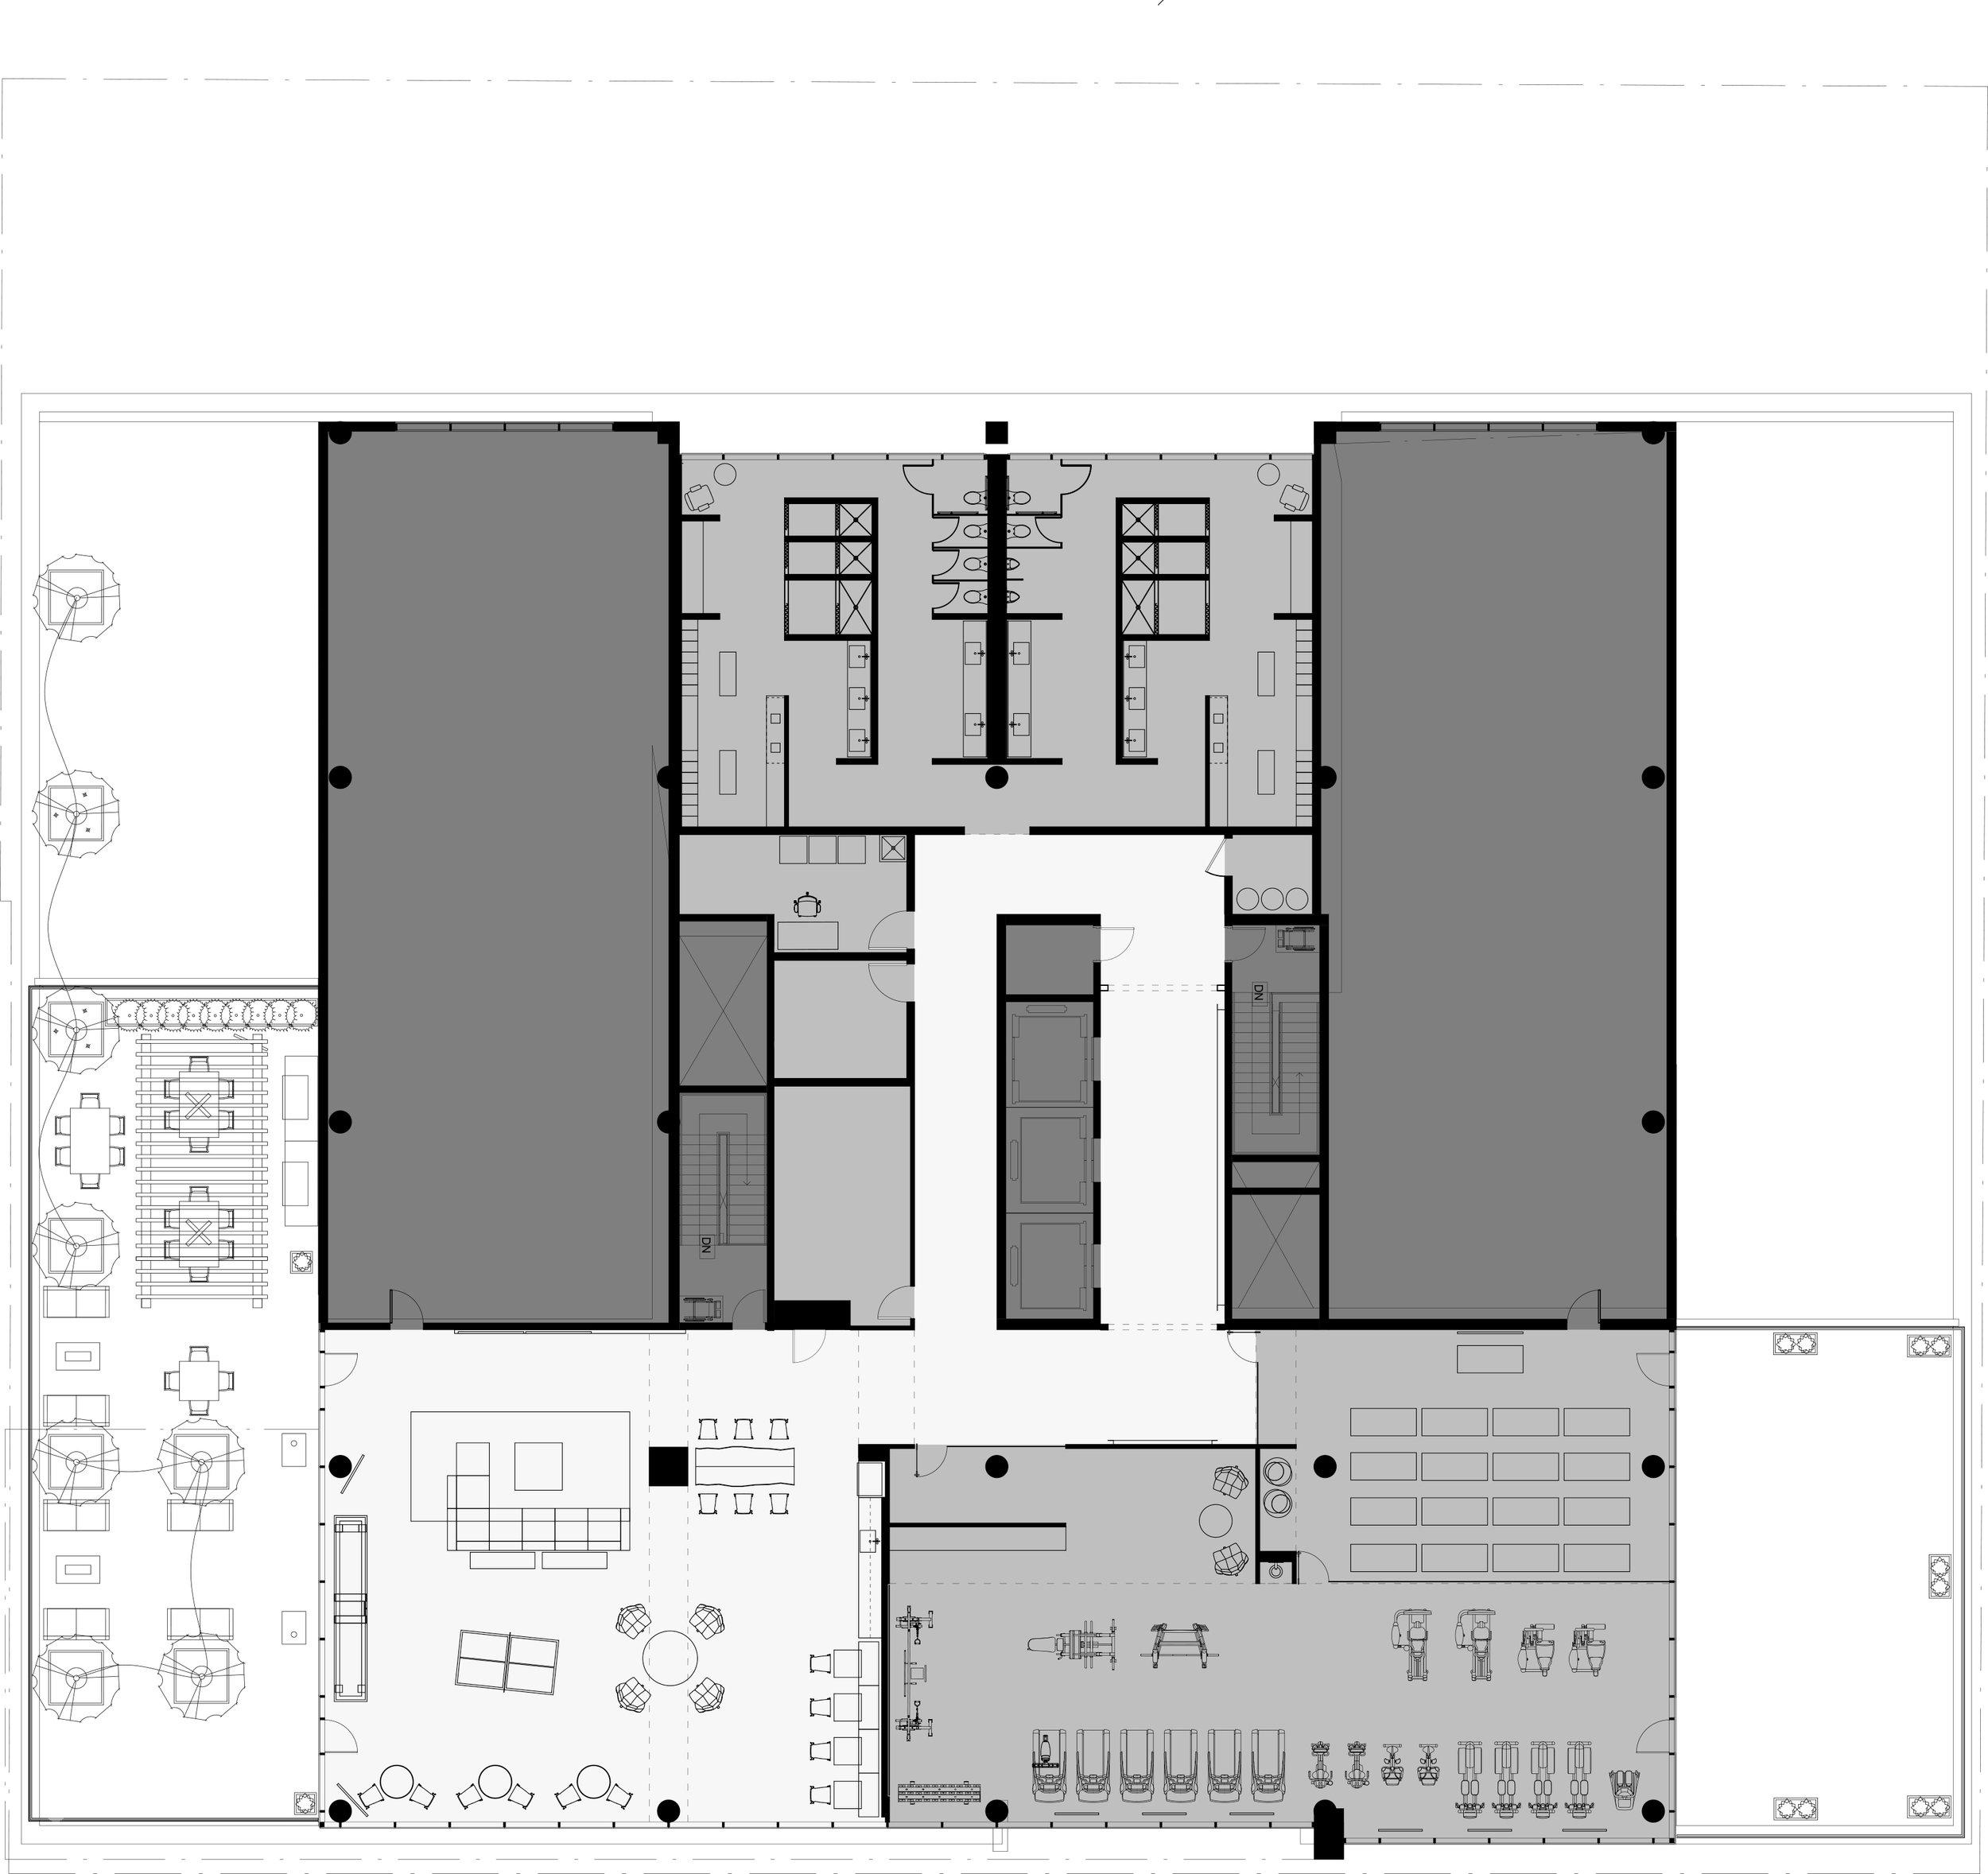 Amenity Floor 20190521.jpg